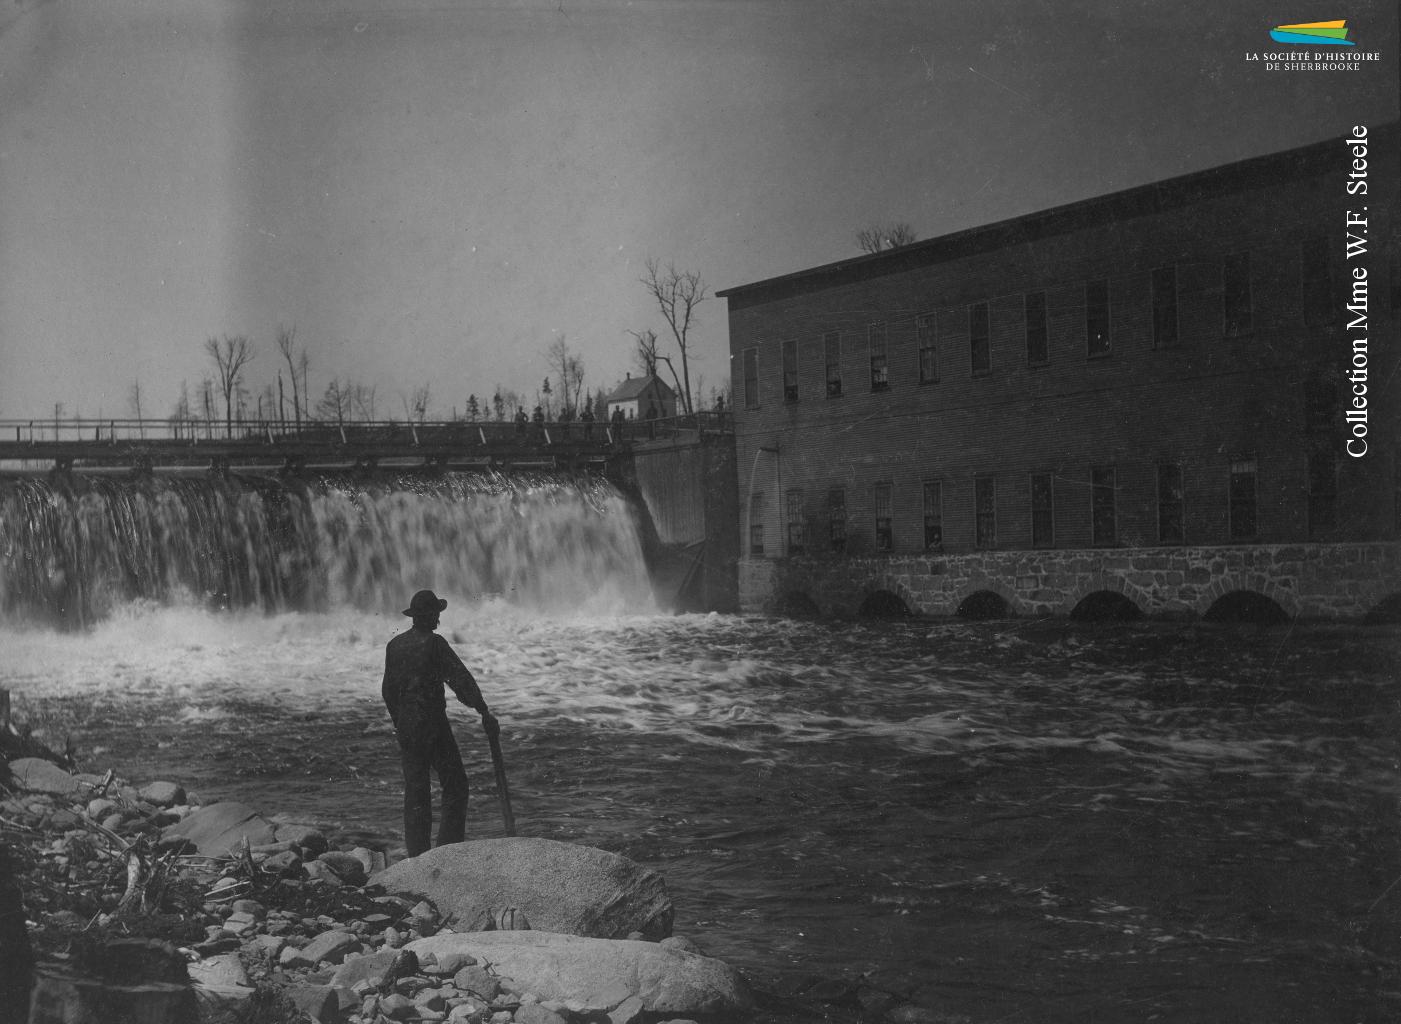 Le moulin à scie de la <em>British American Land Company</em>, en 1898. Il est situé sur la rive en face de la Paton, juste à côté du barrage no 1.